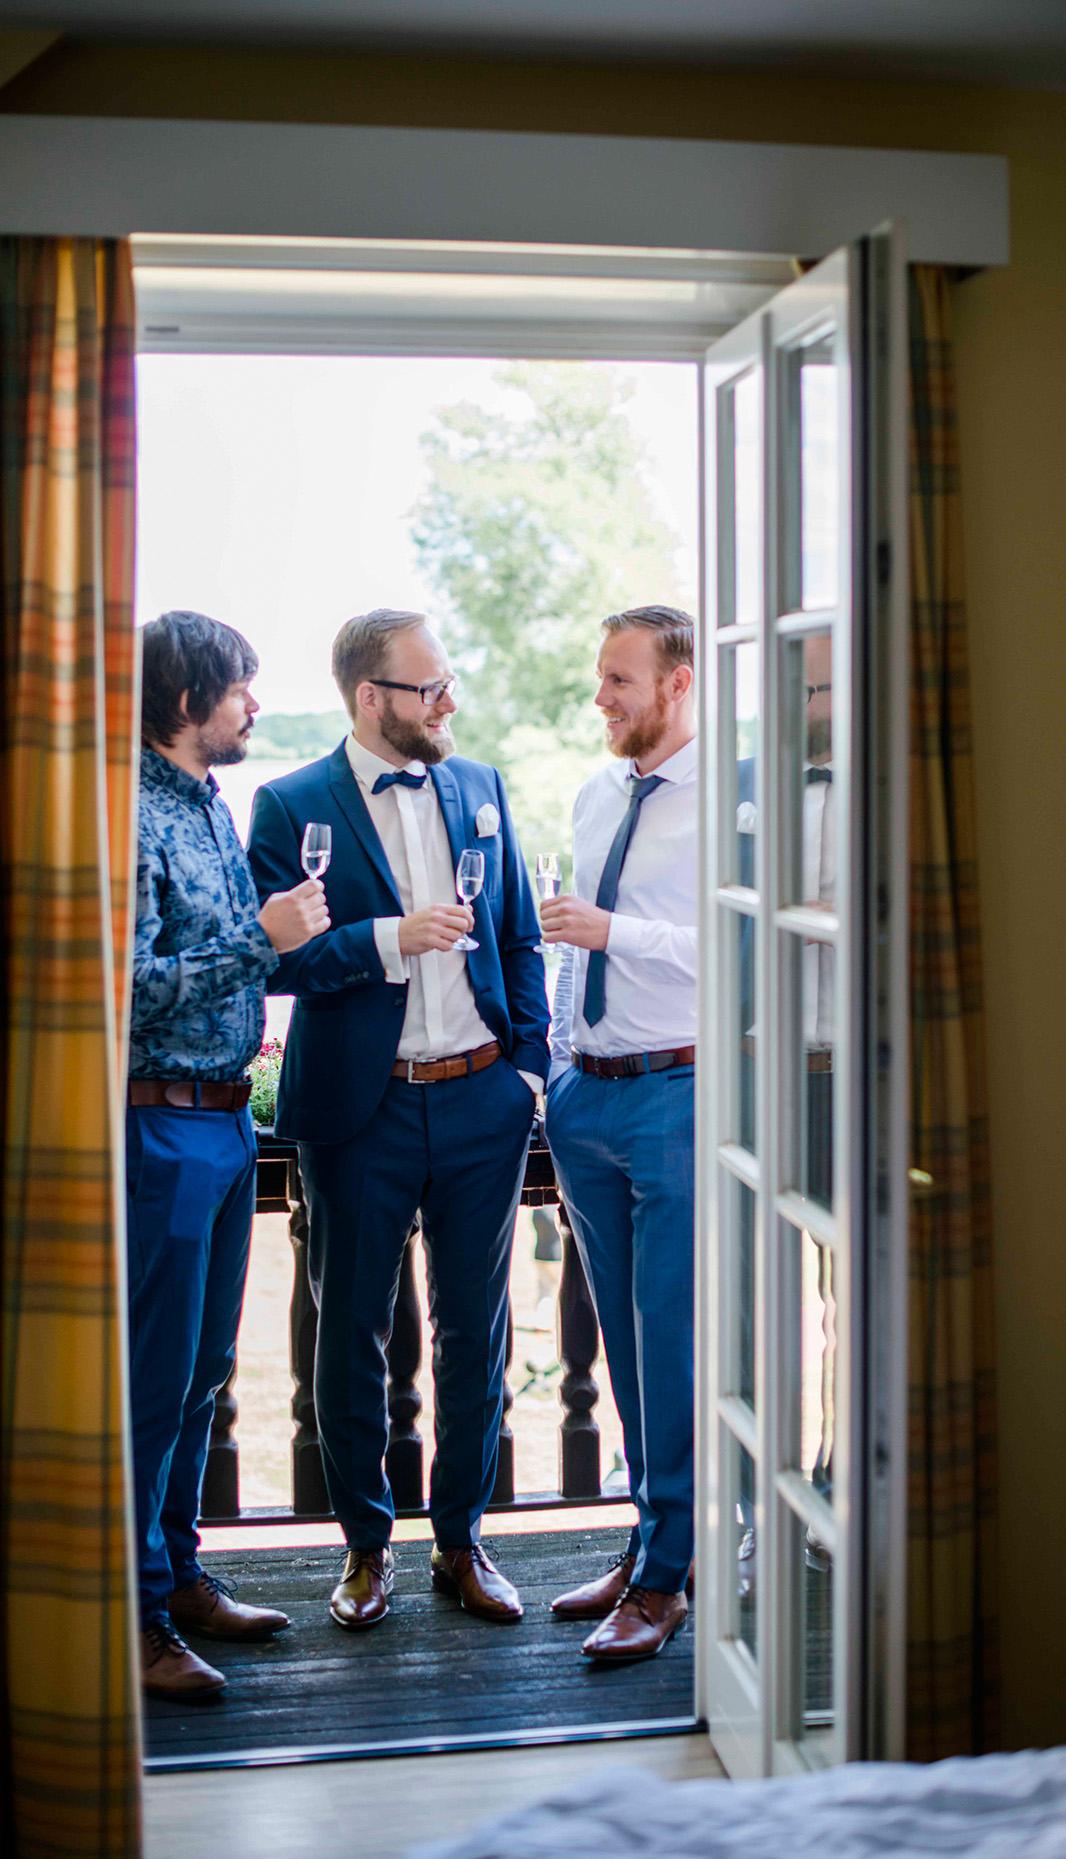 KathleenWelkerPhotography_Hochzeit-am-See-entspanntes-Getting-Ready-Fischhaus-Hotel-Schaalsee-73